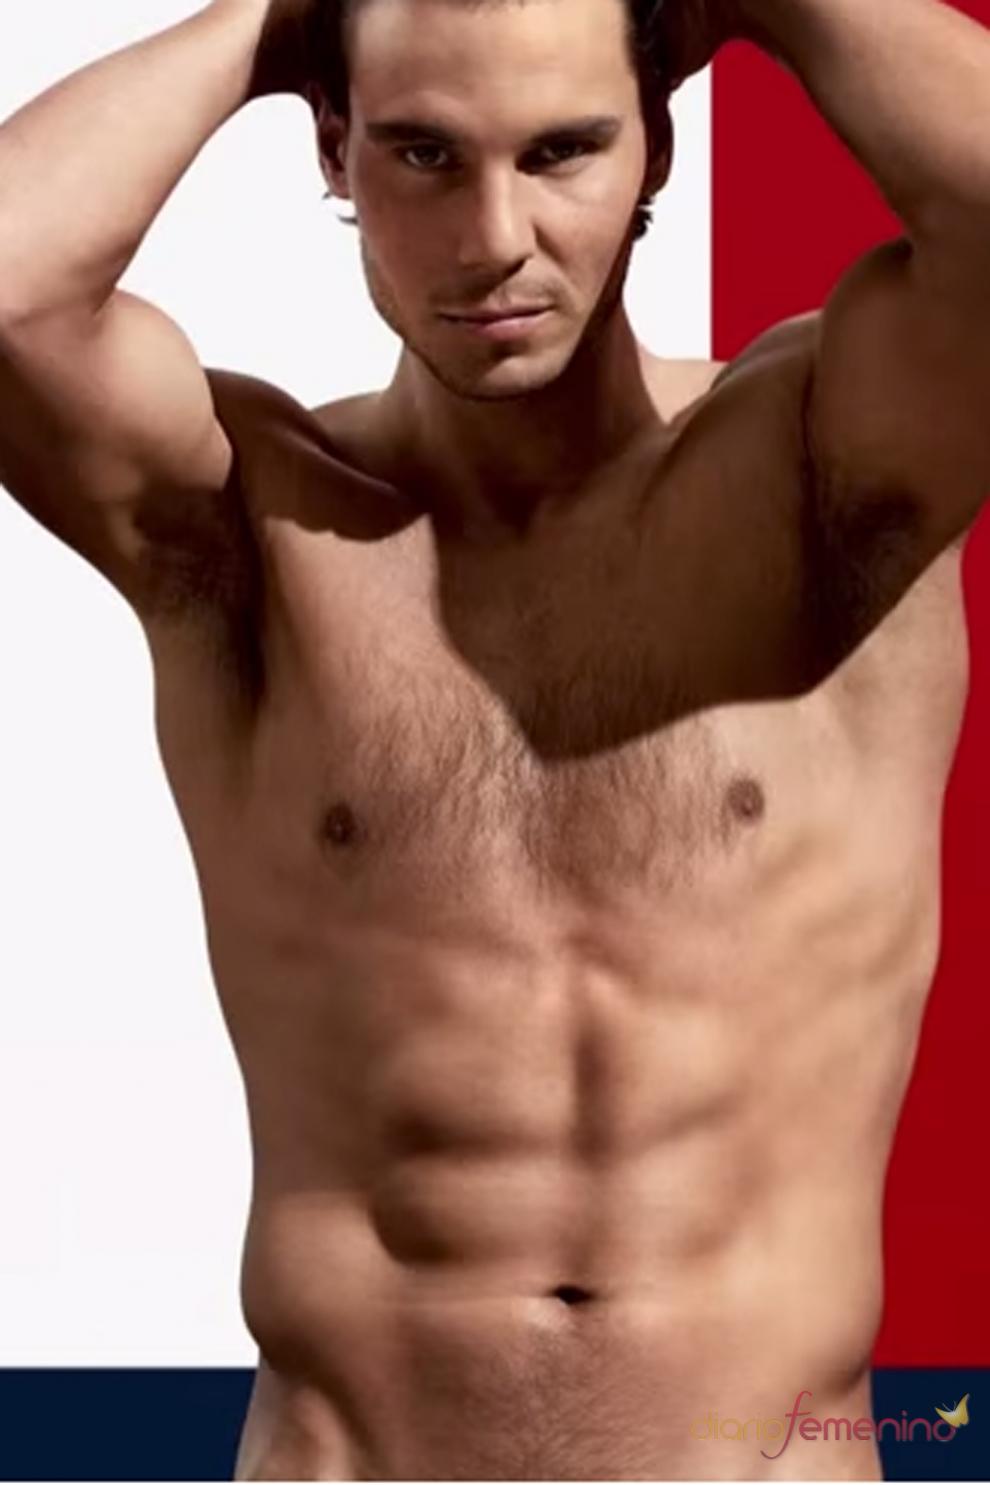 Hombres Desnudos Gratis Videos and Gay Porn Movies